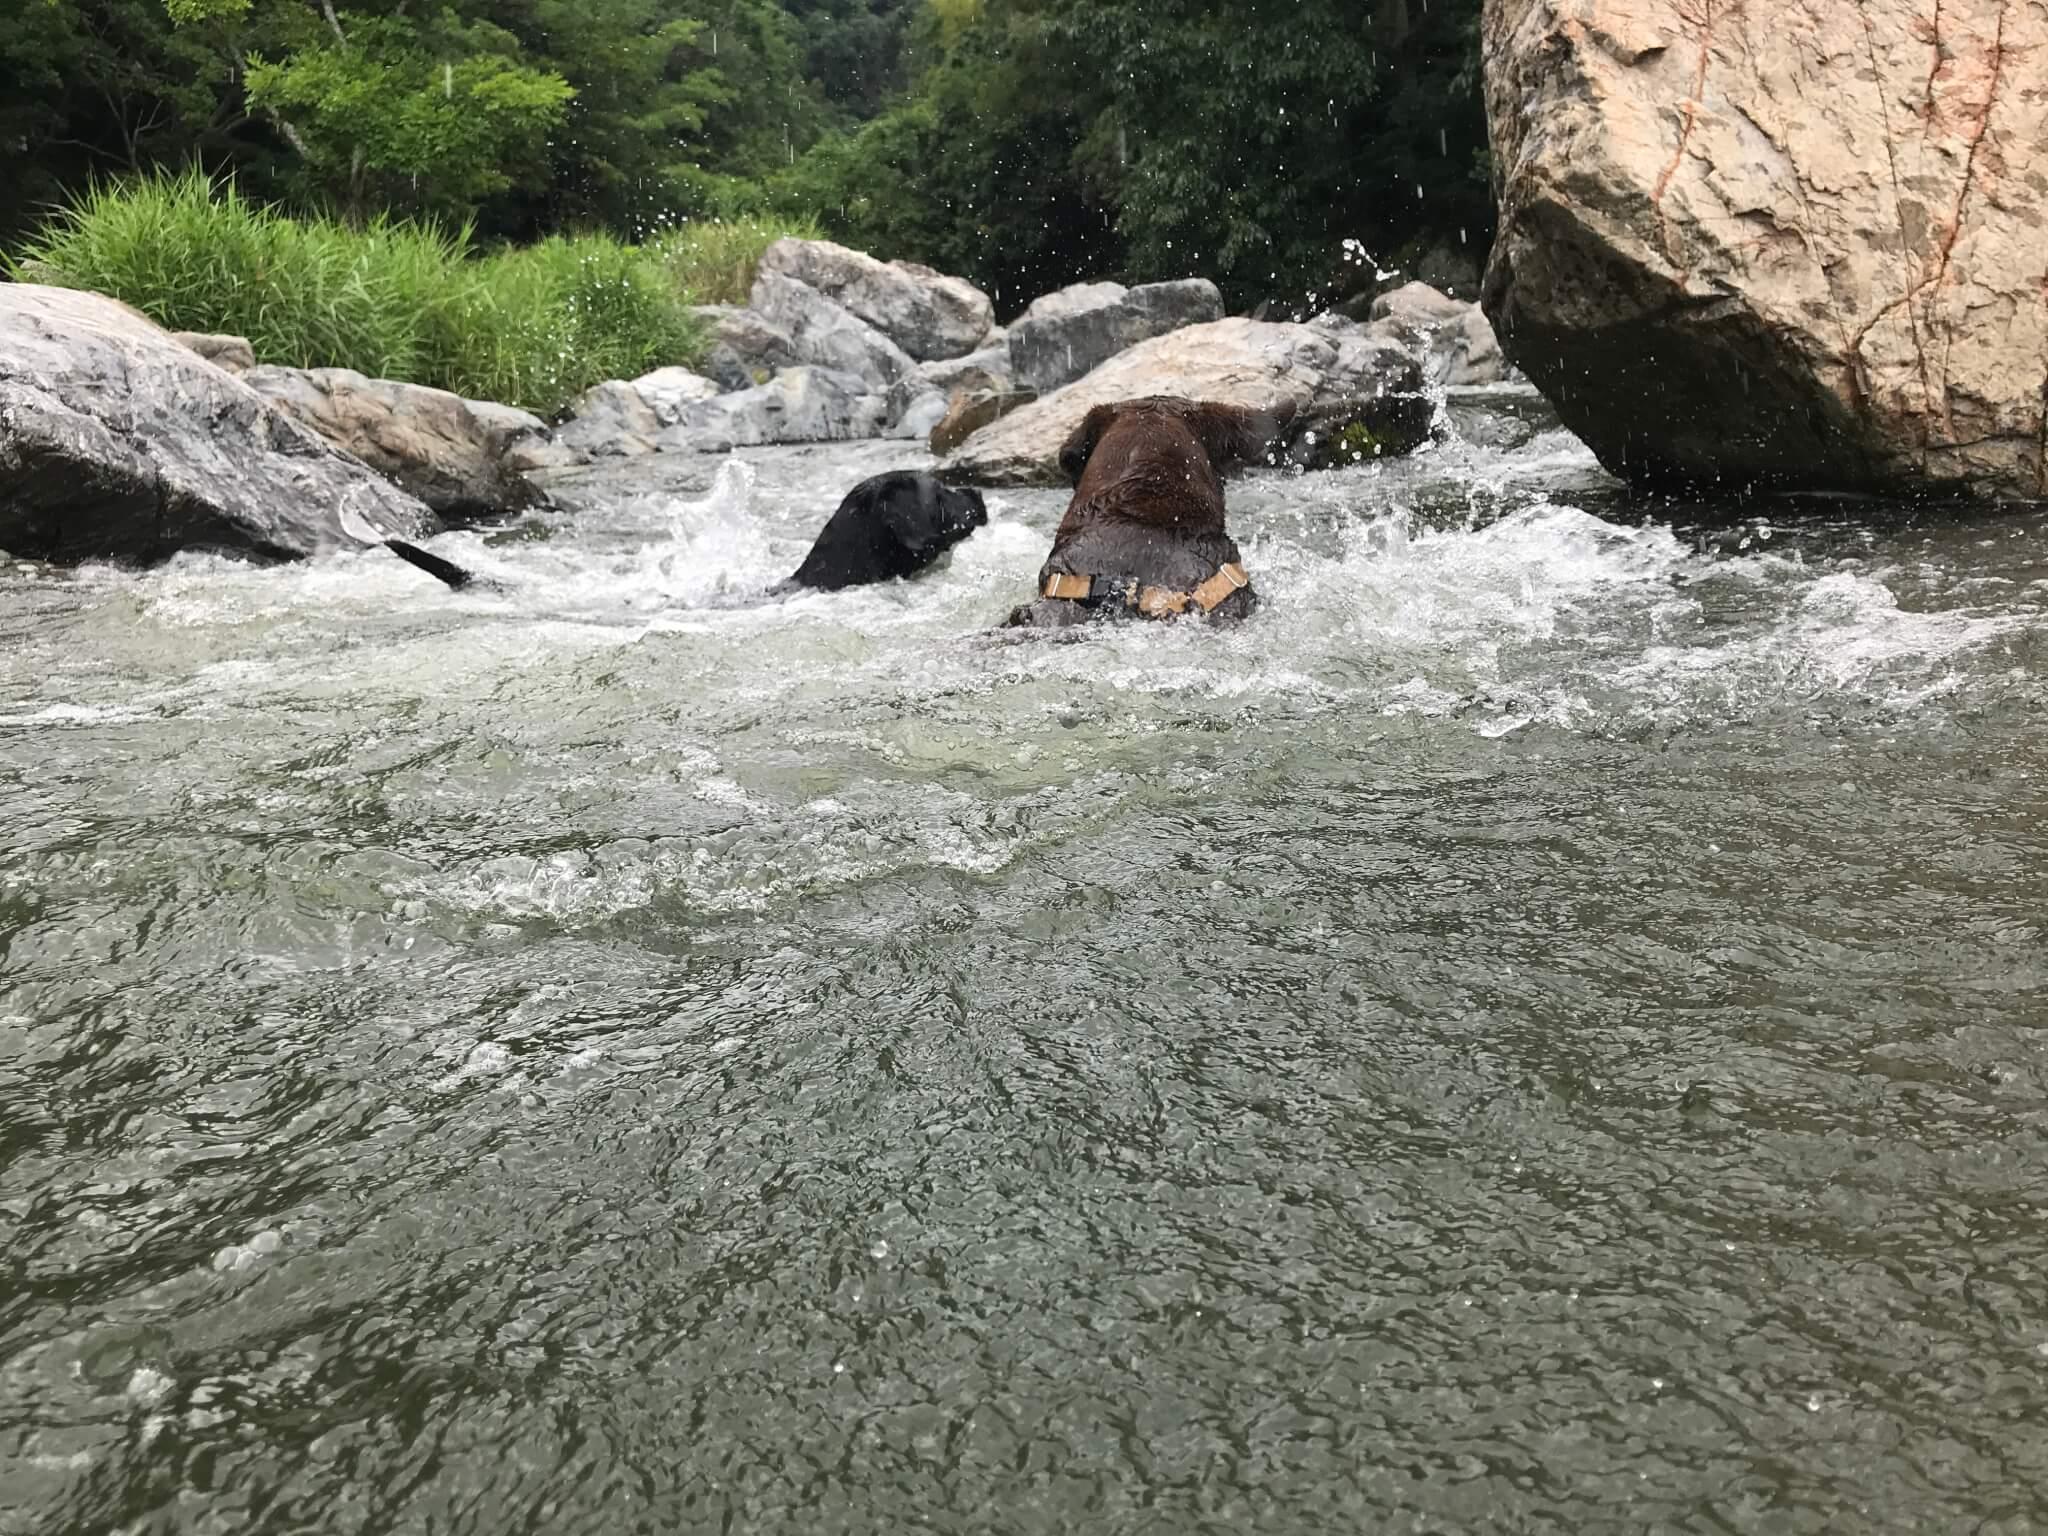 摂津峡公園 犬 川遊び 芥川 ラブラドールレトリバー 泳ぐ犬